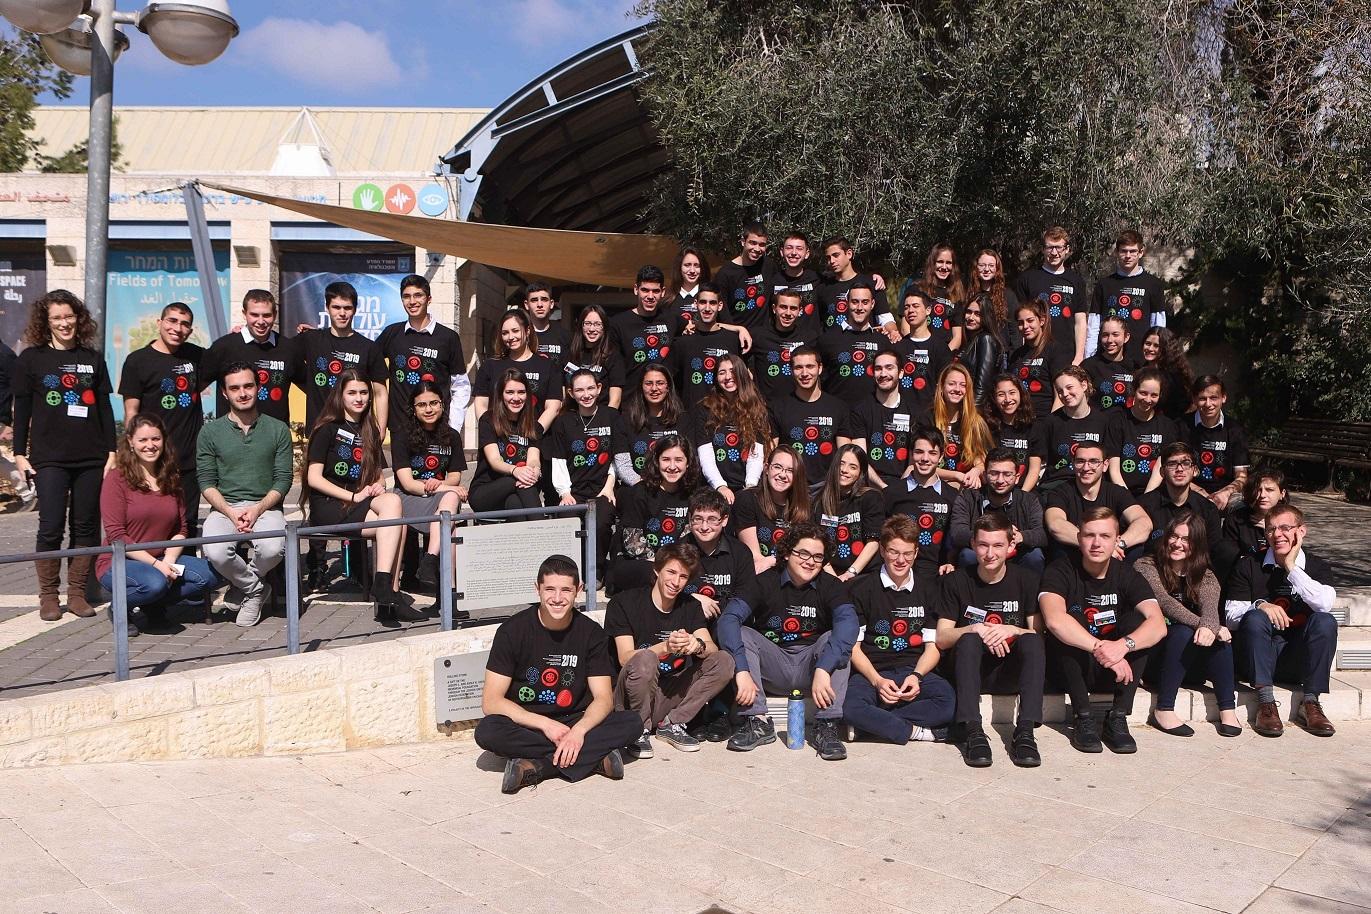 תחרות מדענים ומפתחים צעירים ישראל